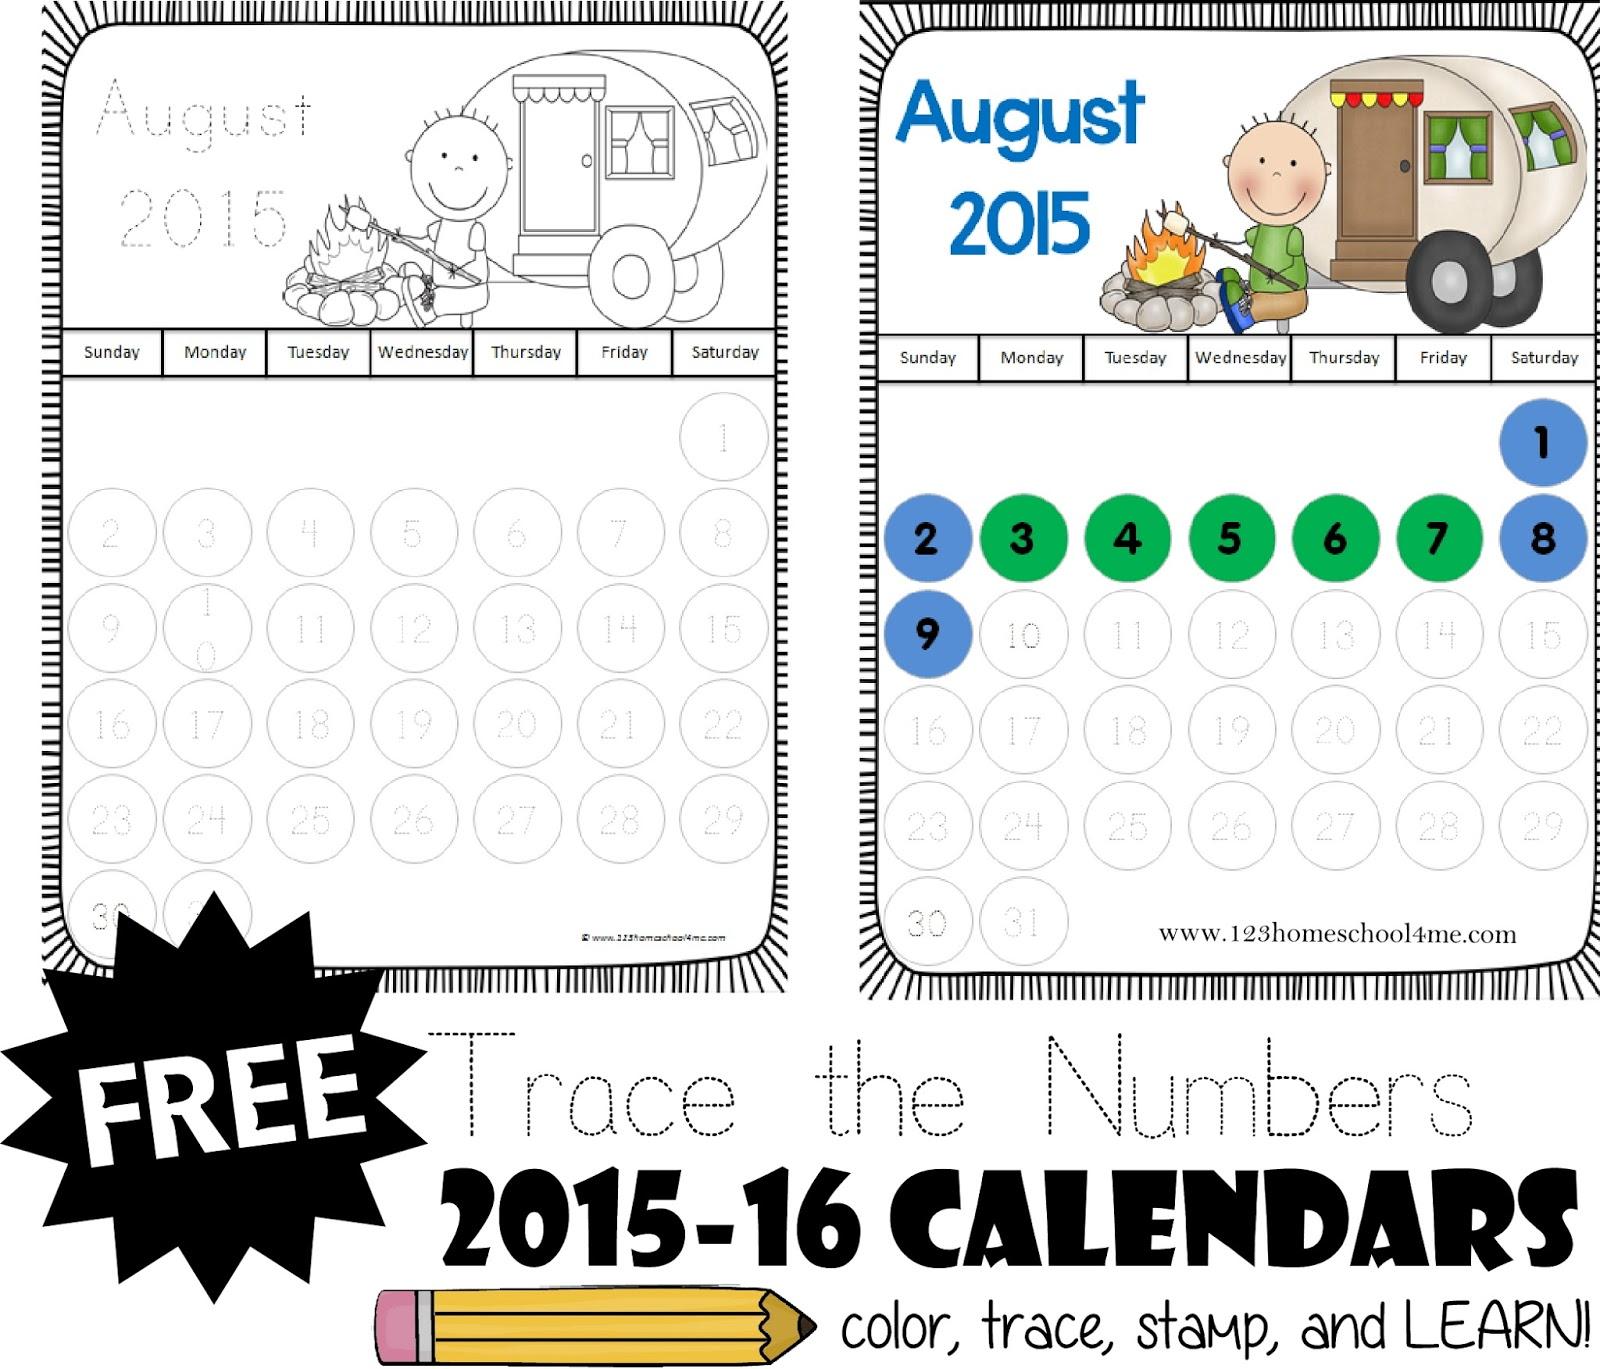 Calendar Numbers Printables Preschool : Trace the numbers calendar free